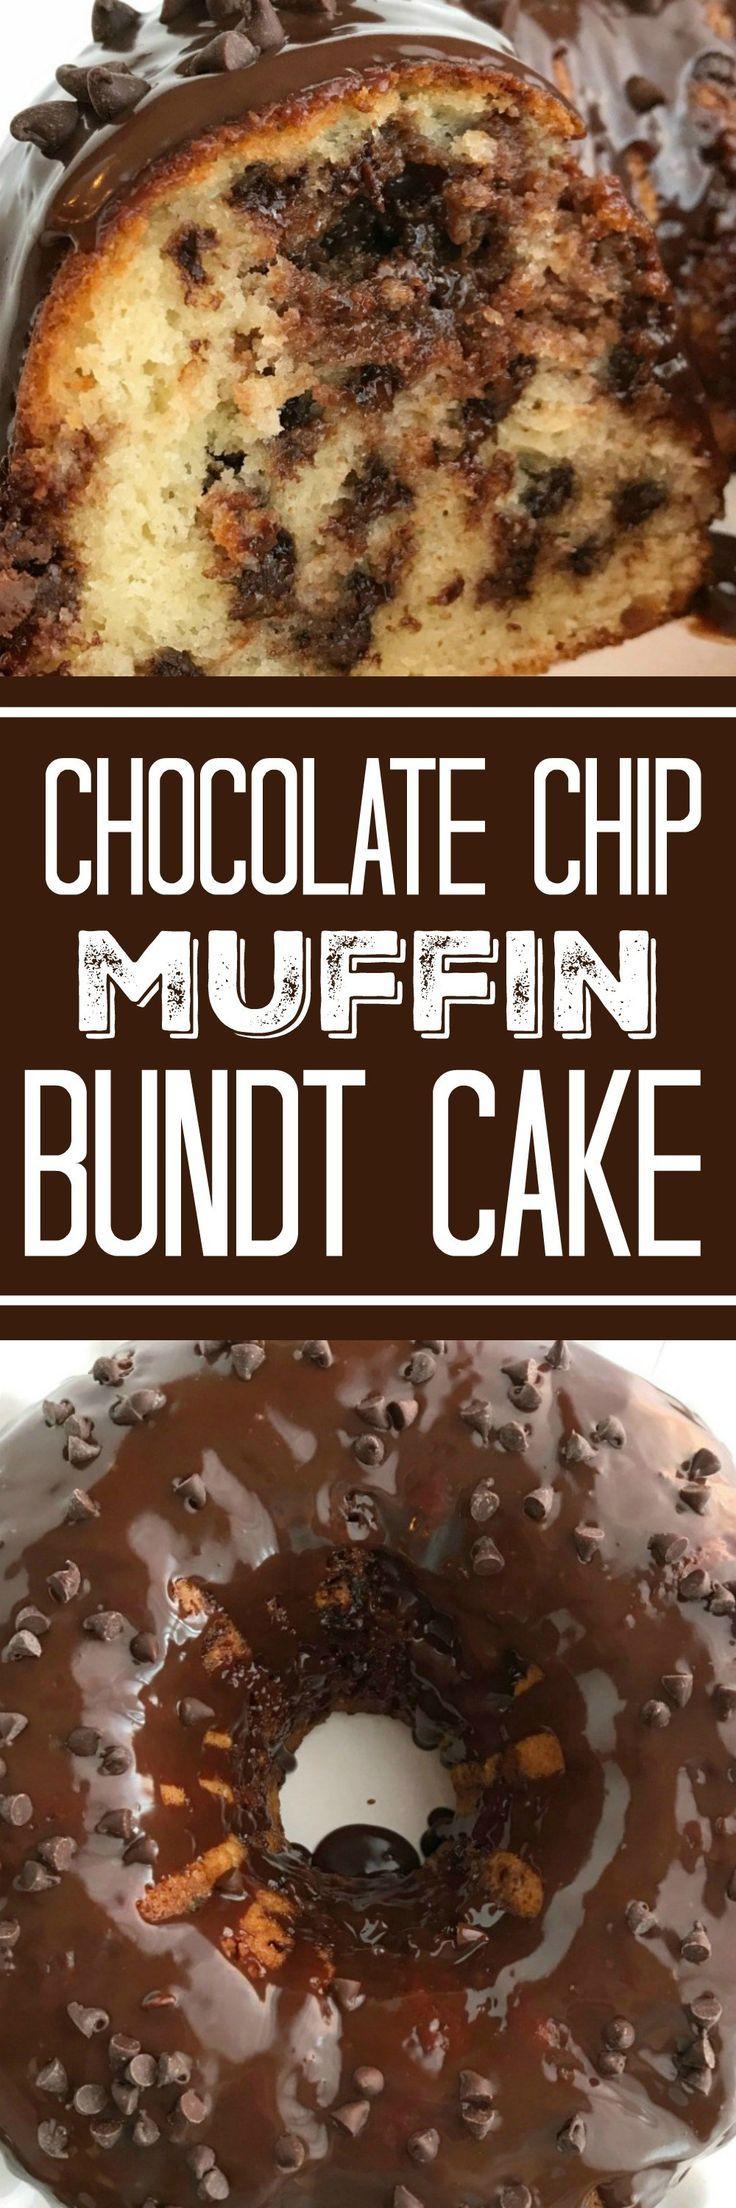 Twomomma Chocolate Chip Muffin Bundt Cake